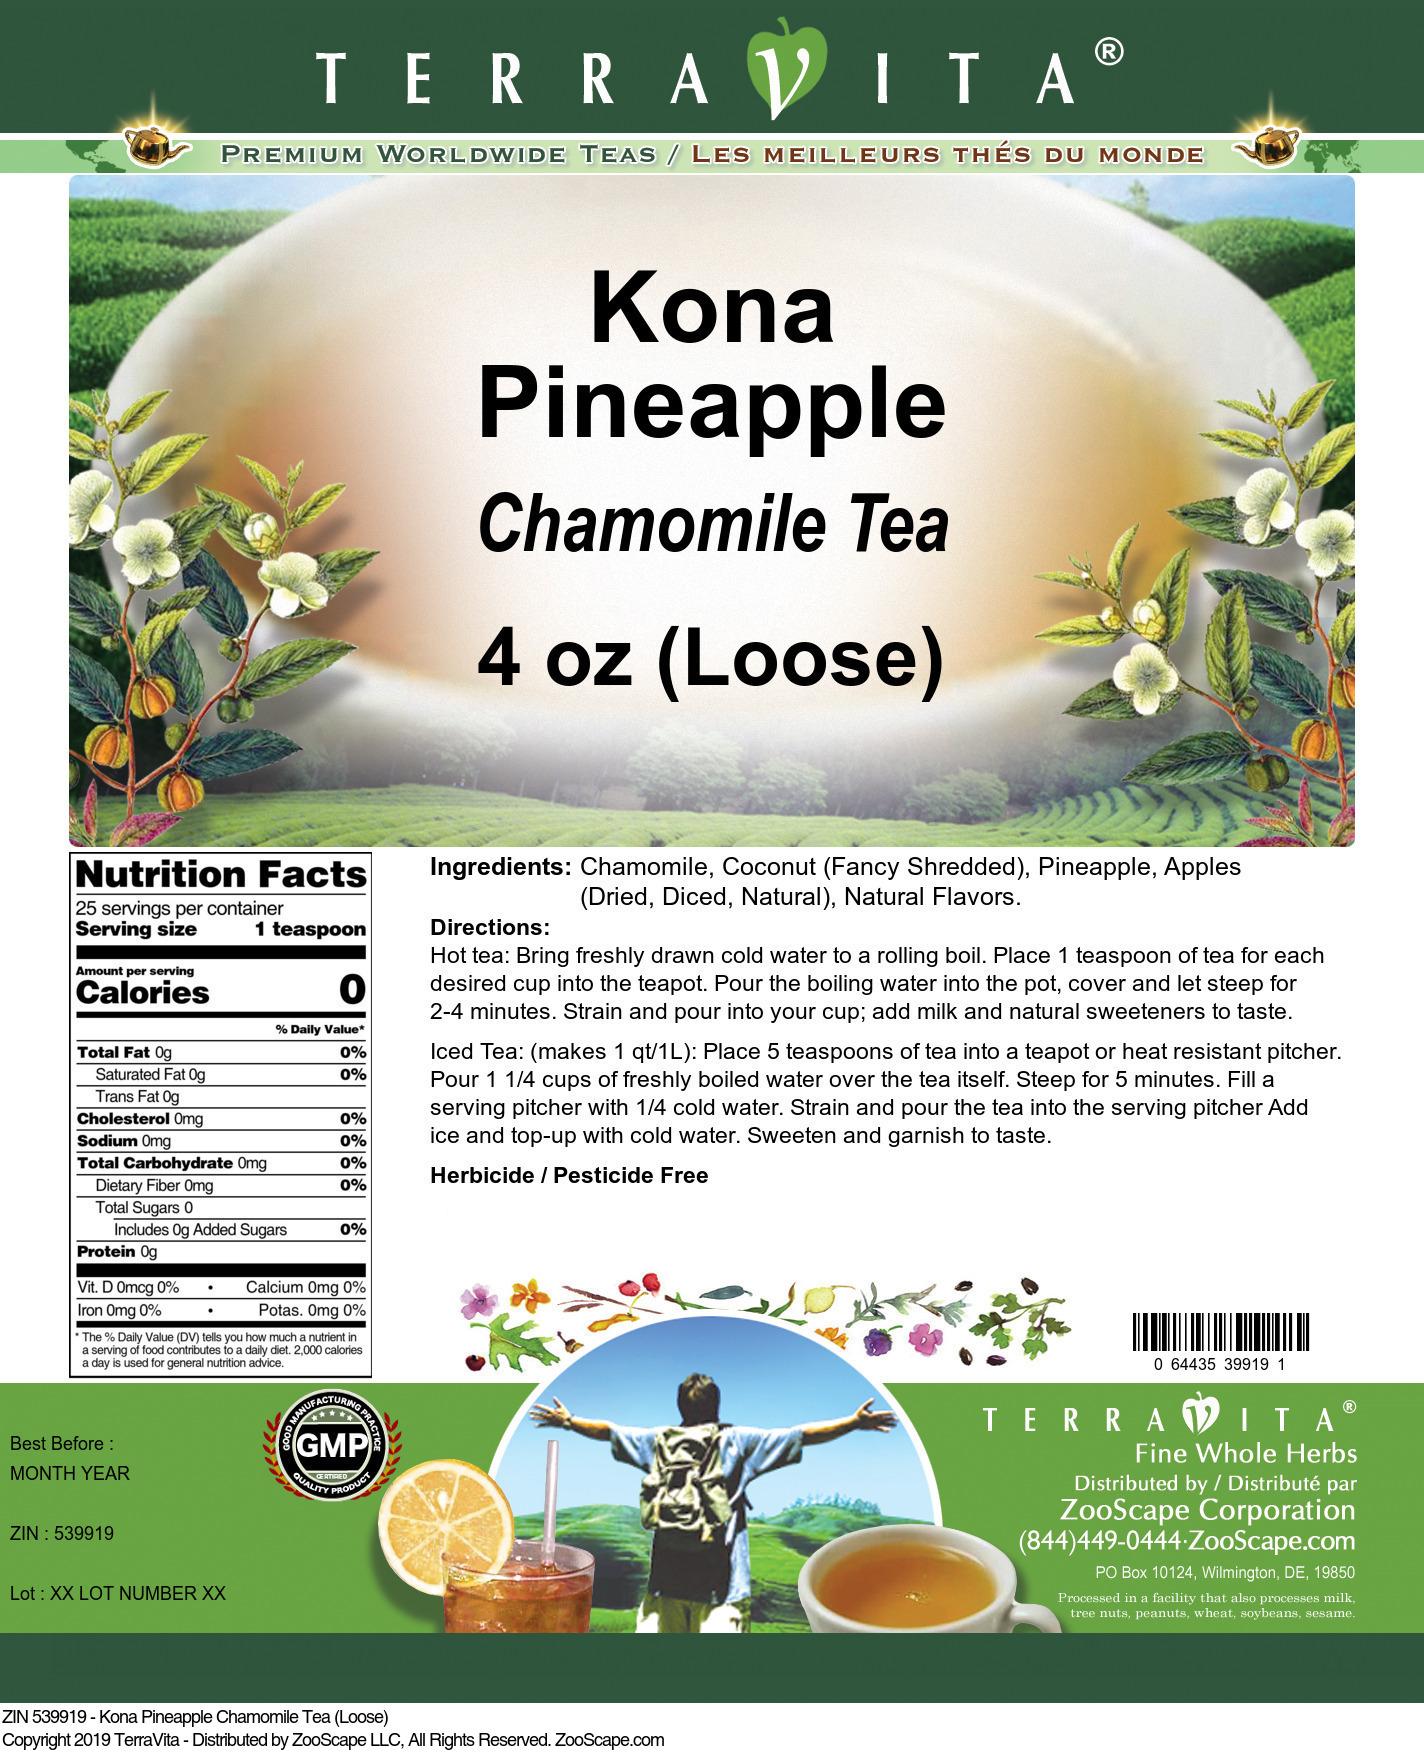 Kona Pineapple Chamomile Tea (Loose)